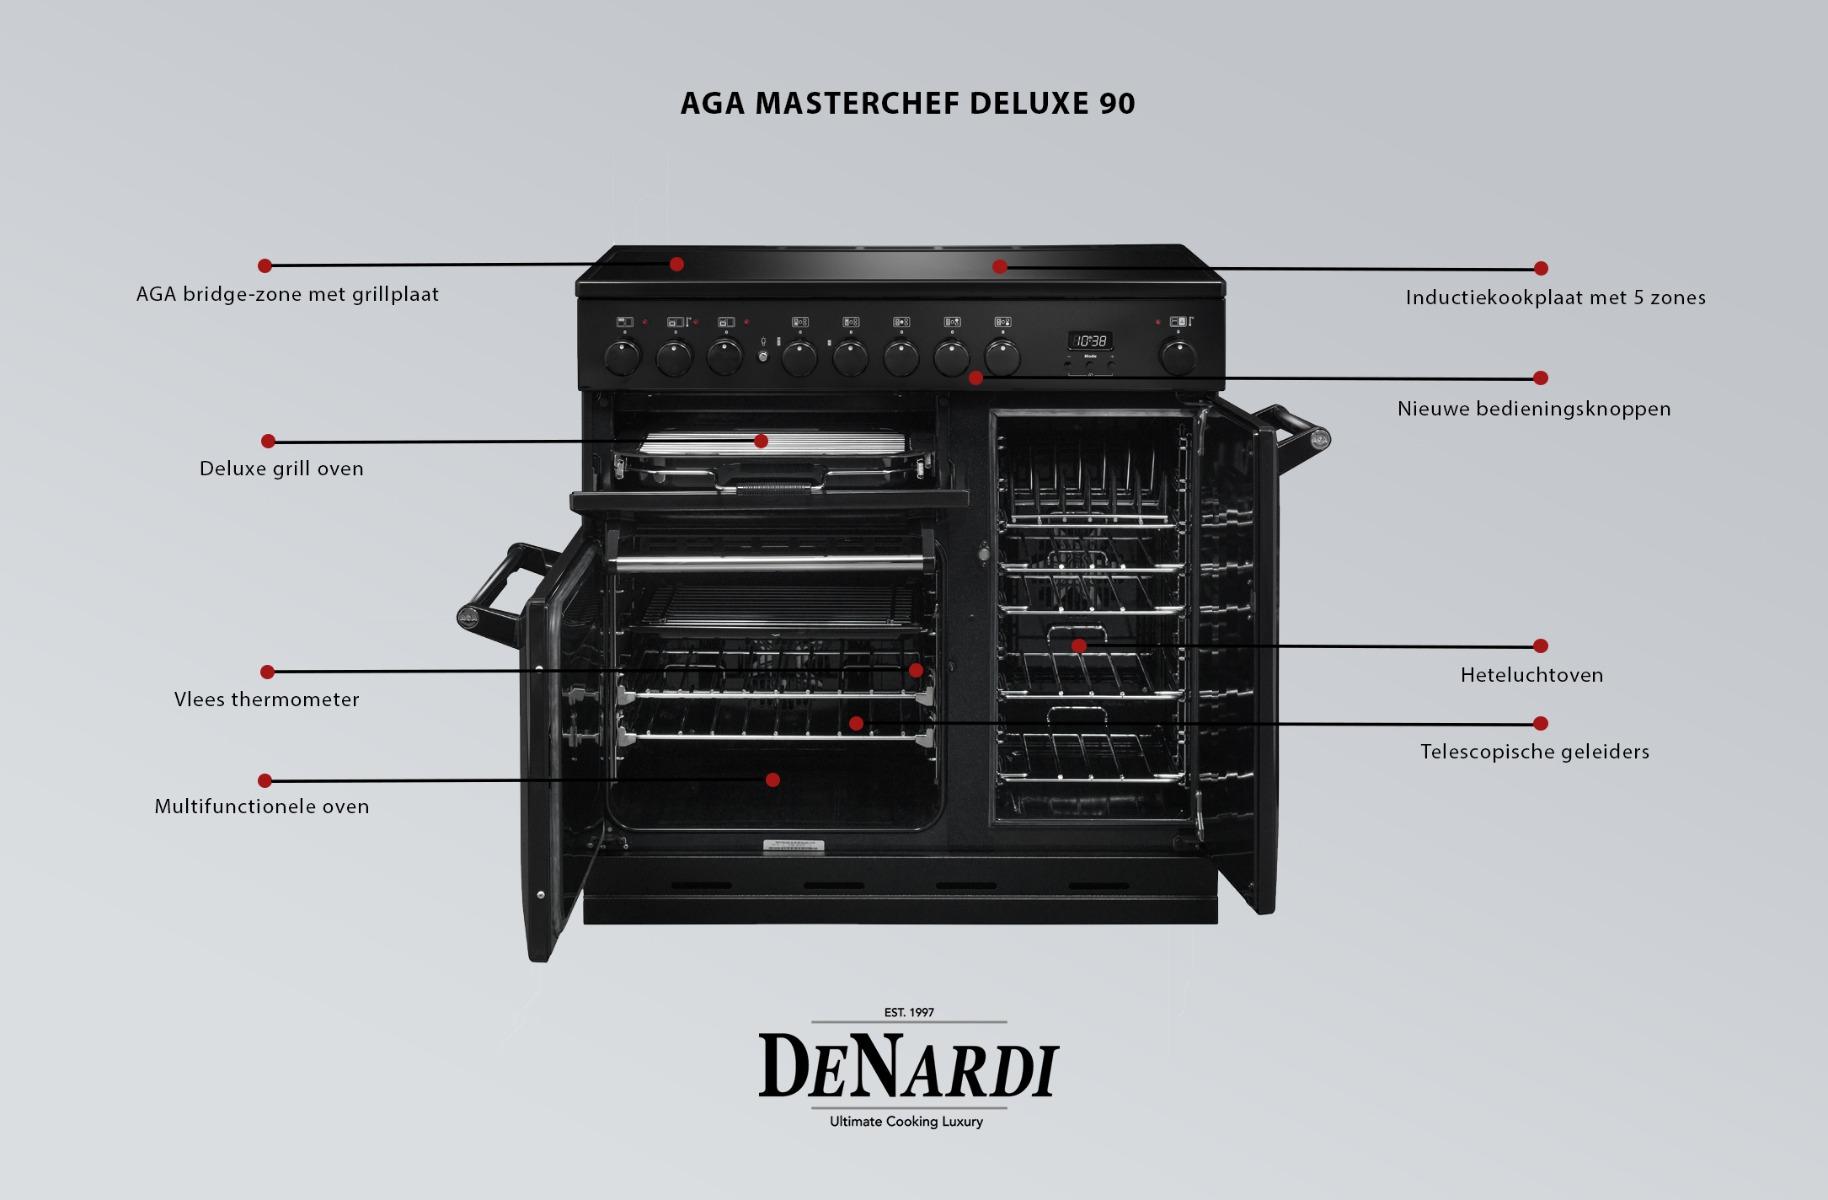 AGA Masterchef Deluxe 90